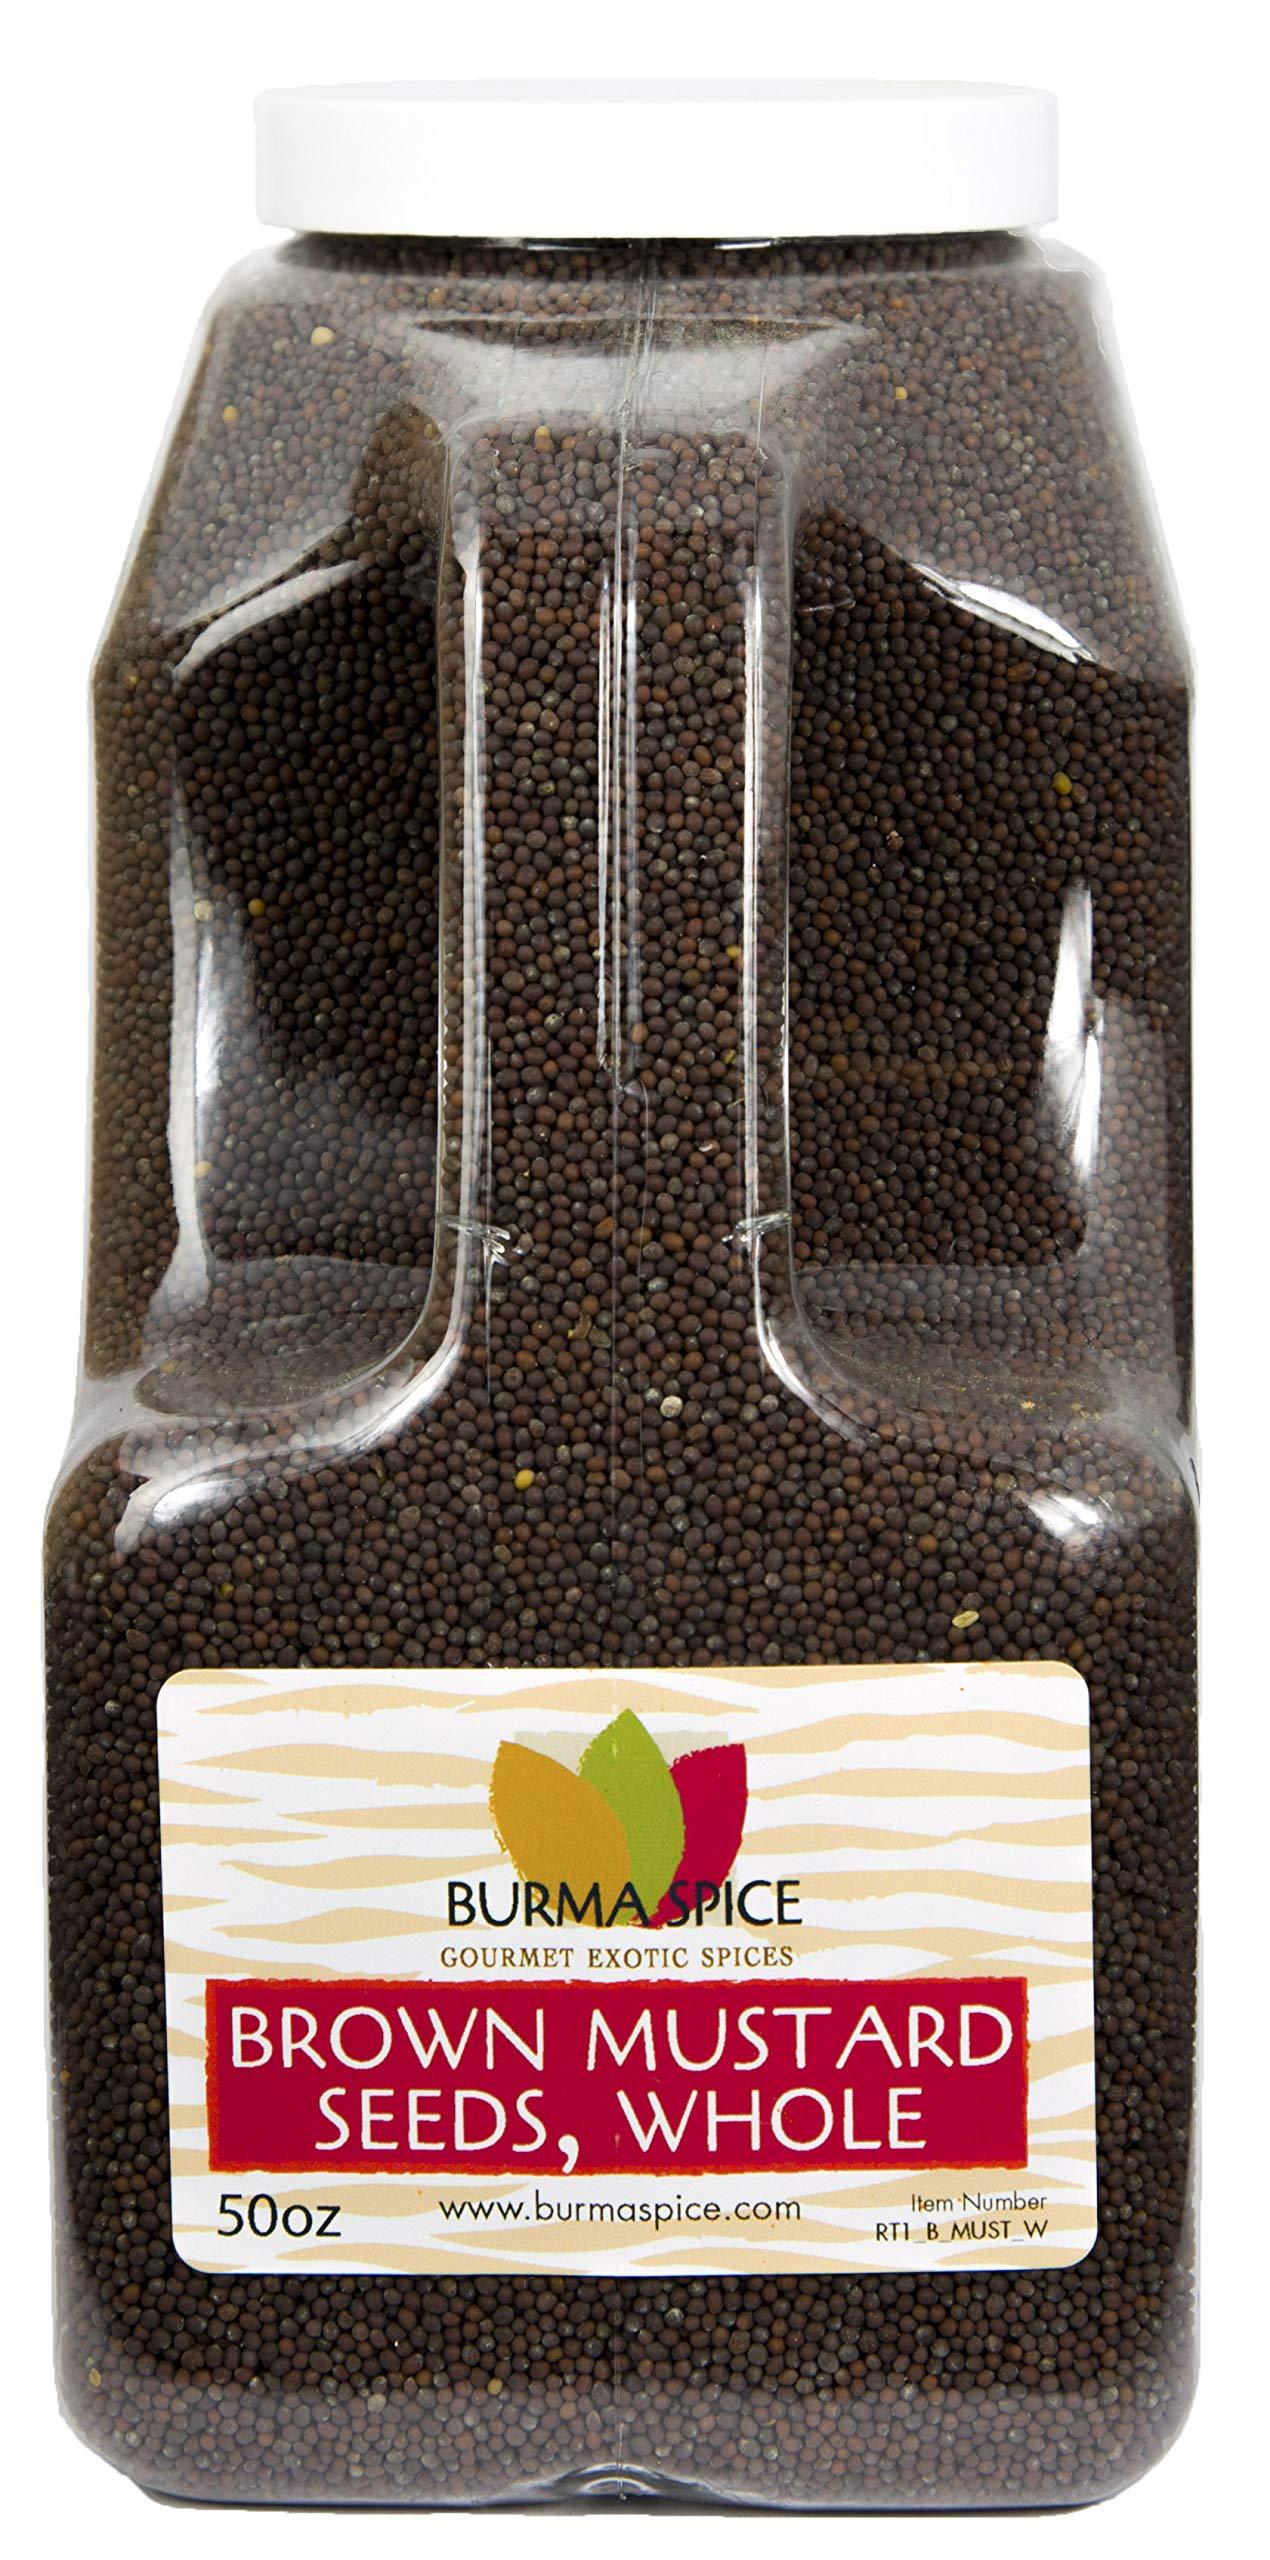 Brown Mustard Seed, Whole : Indian Mustard Kosher (50oz.)